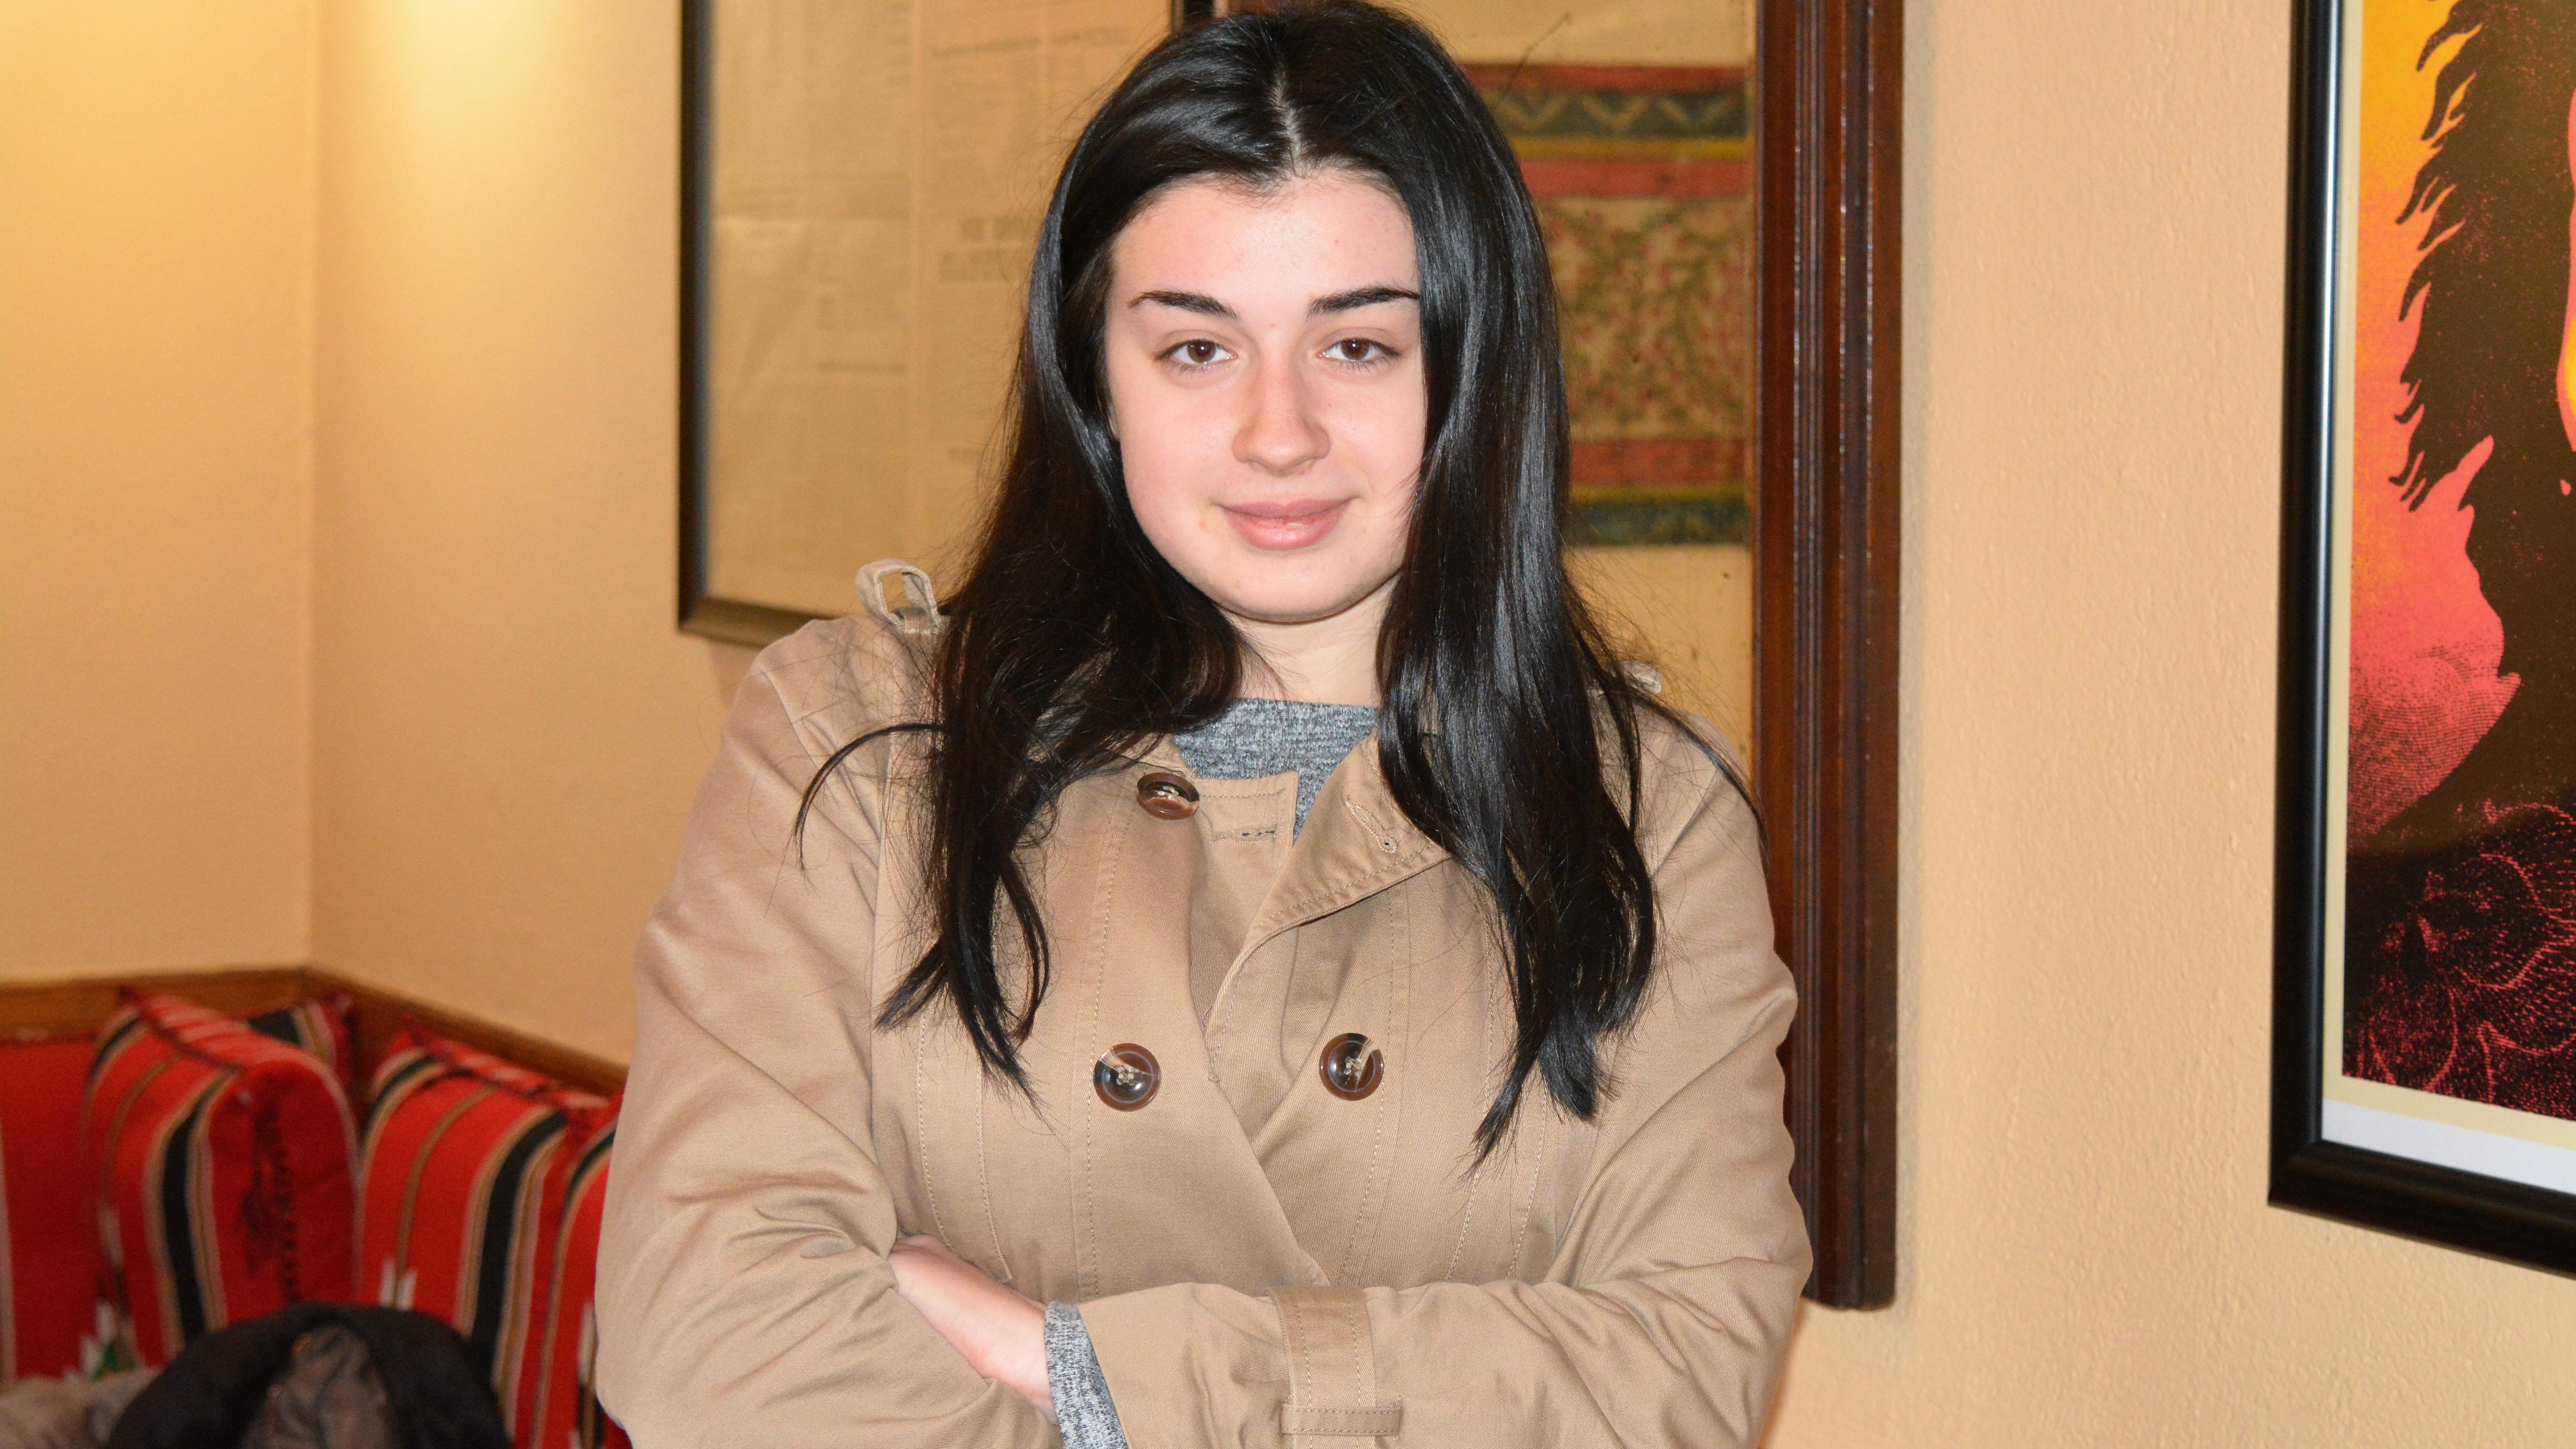 egla-lloha-studente